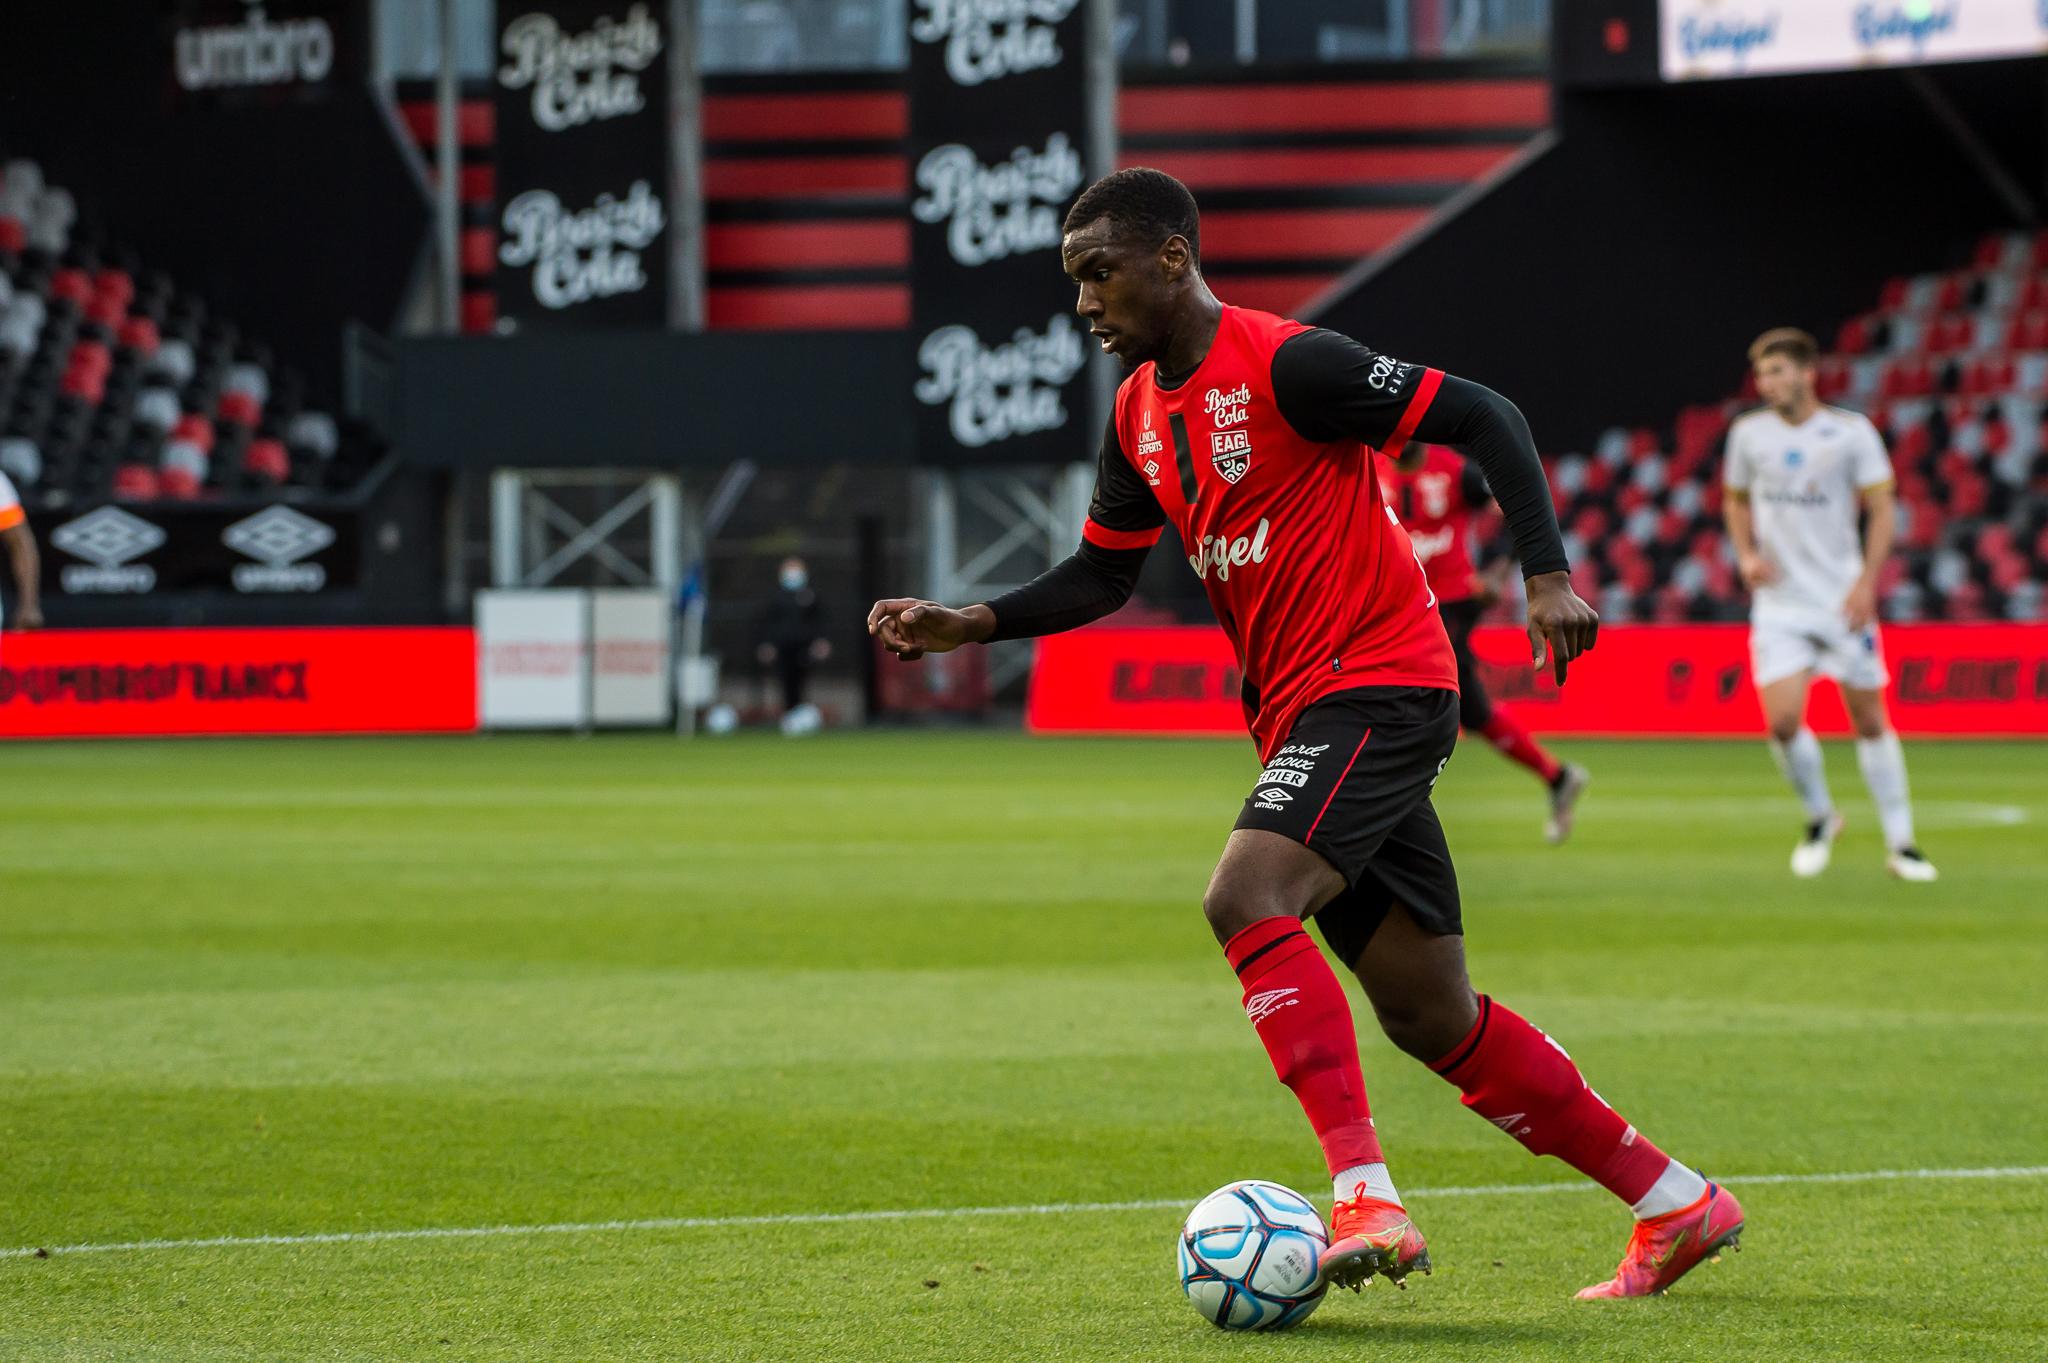 EA Guingamp La Berrichonne Châteauroux J37 Ligue 2 BKT EAGLBC 2-0 Stade de Roudourou FRA_5541